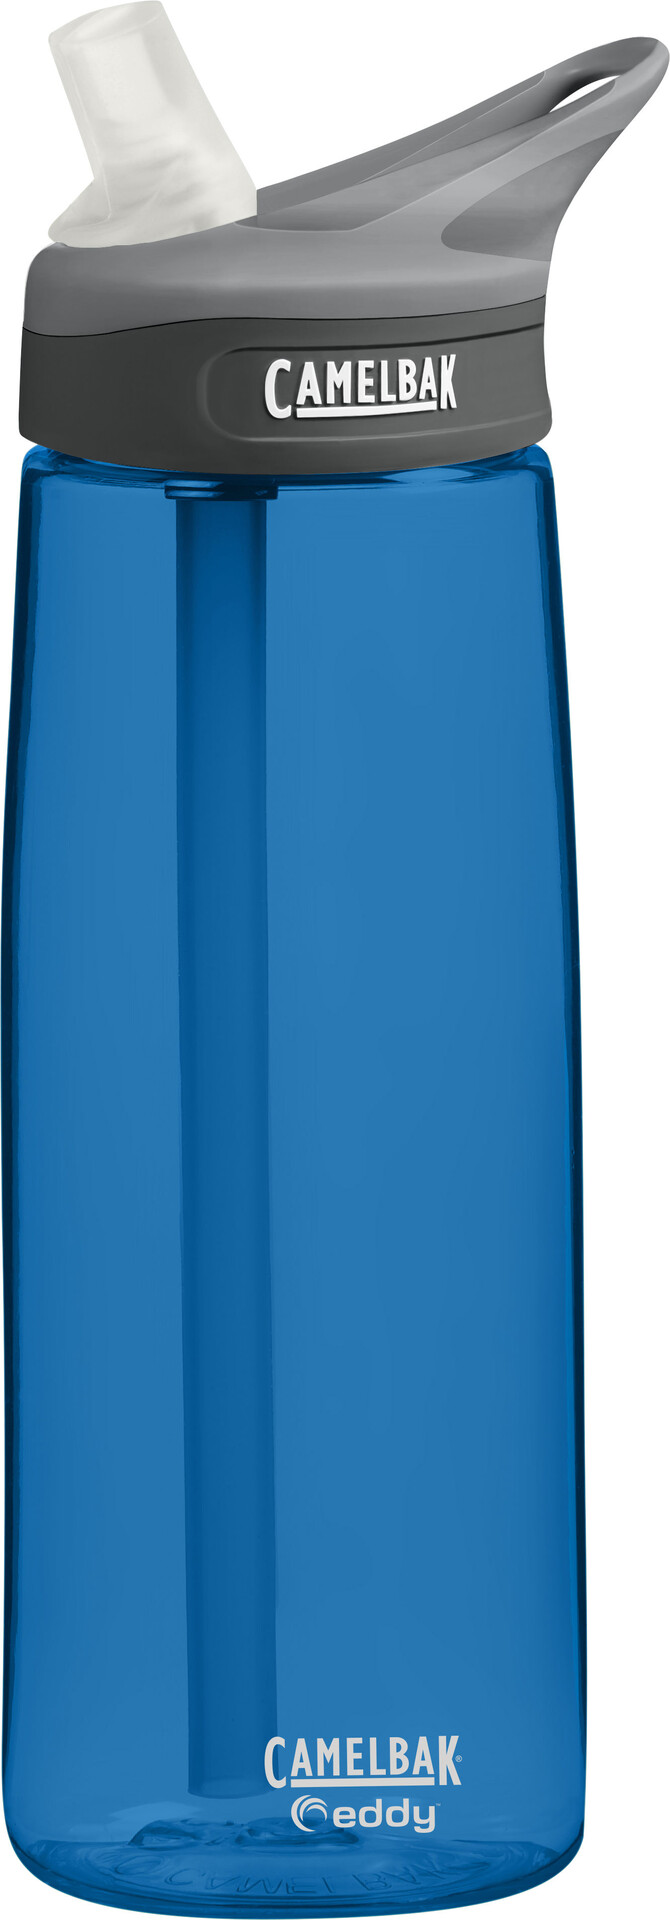 Camelbak Bouteille D/'Eau Eddy Sports Bouteille 1 L-Oxford Blue